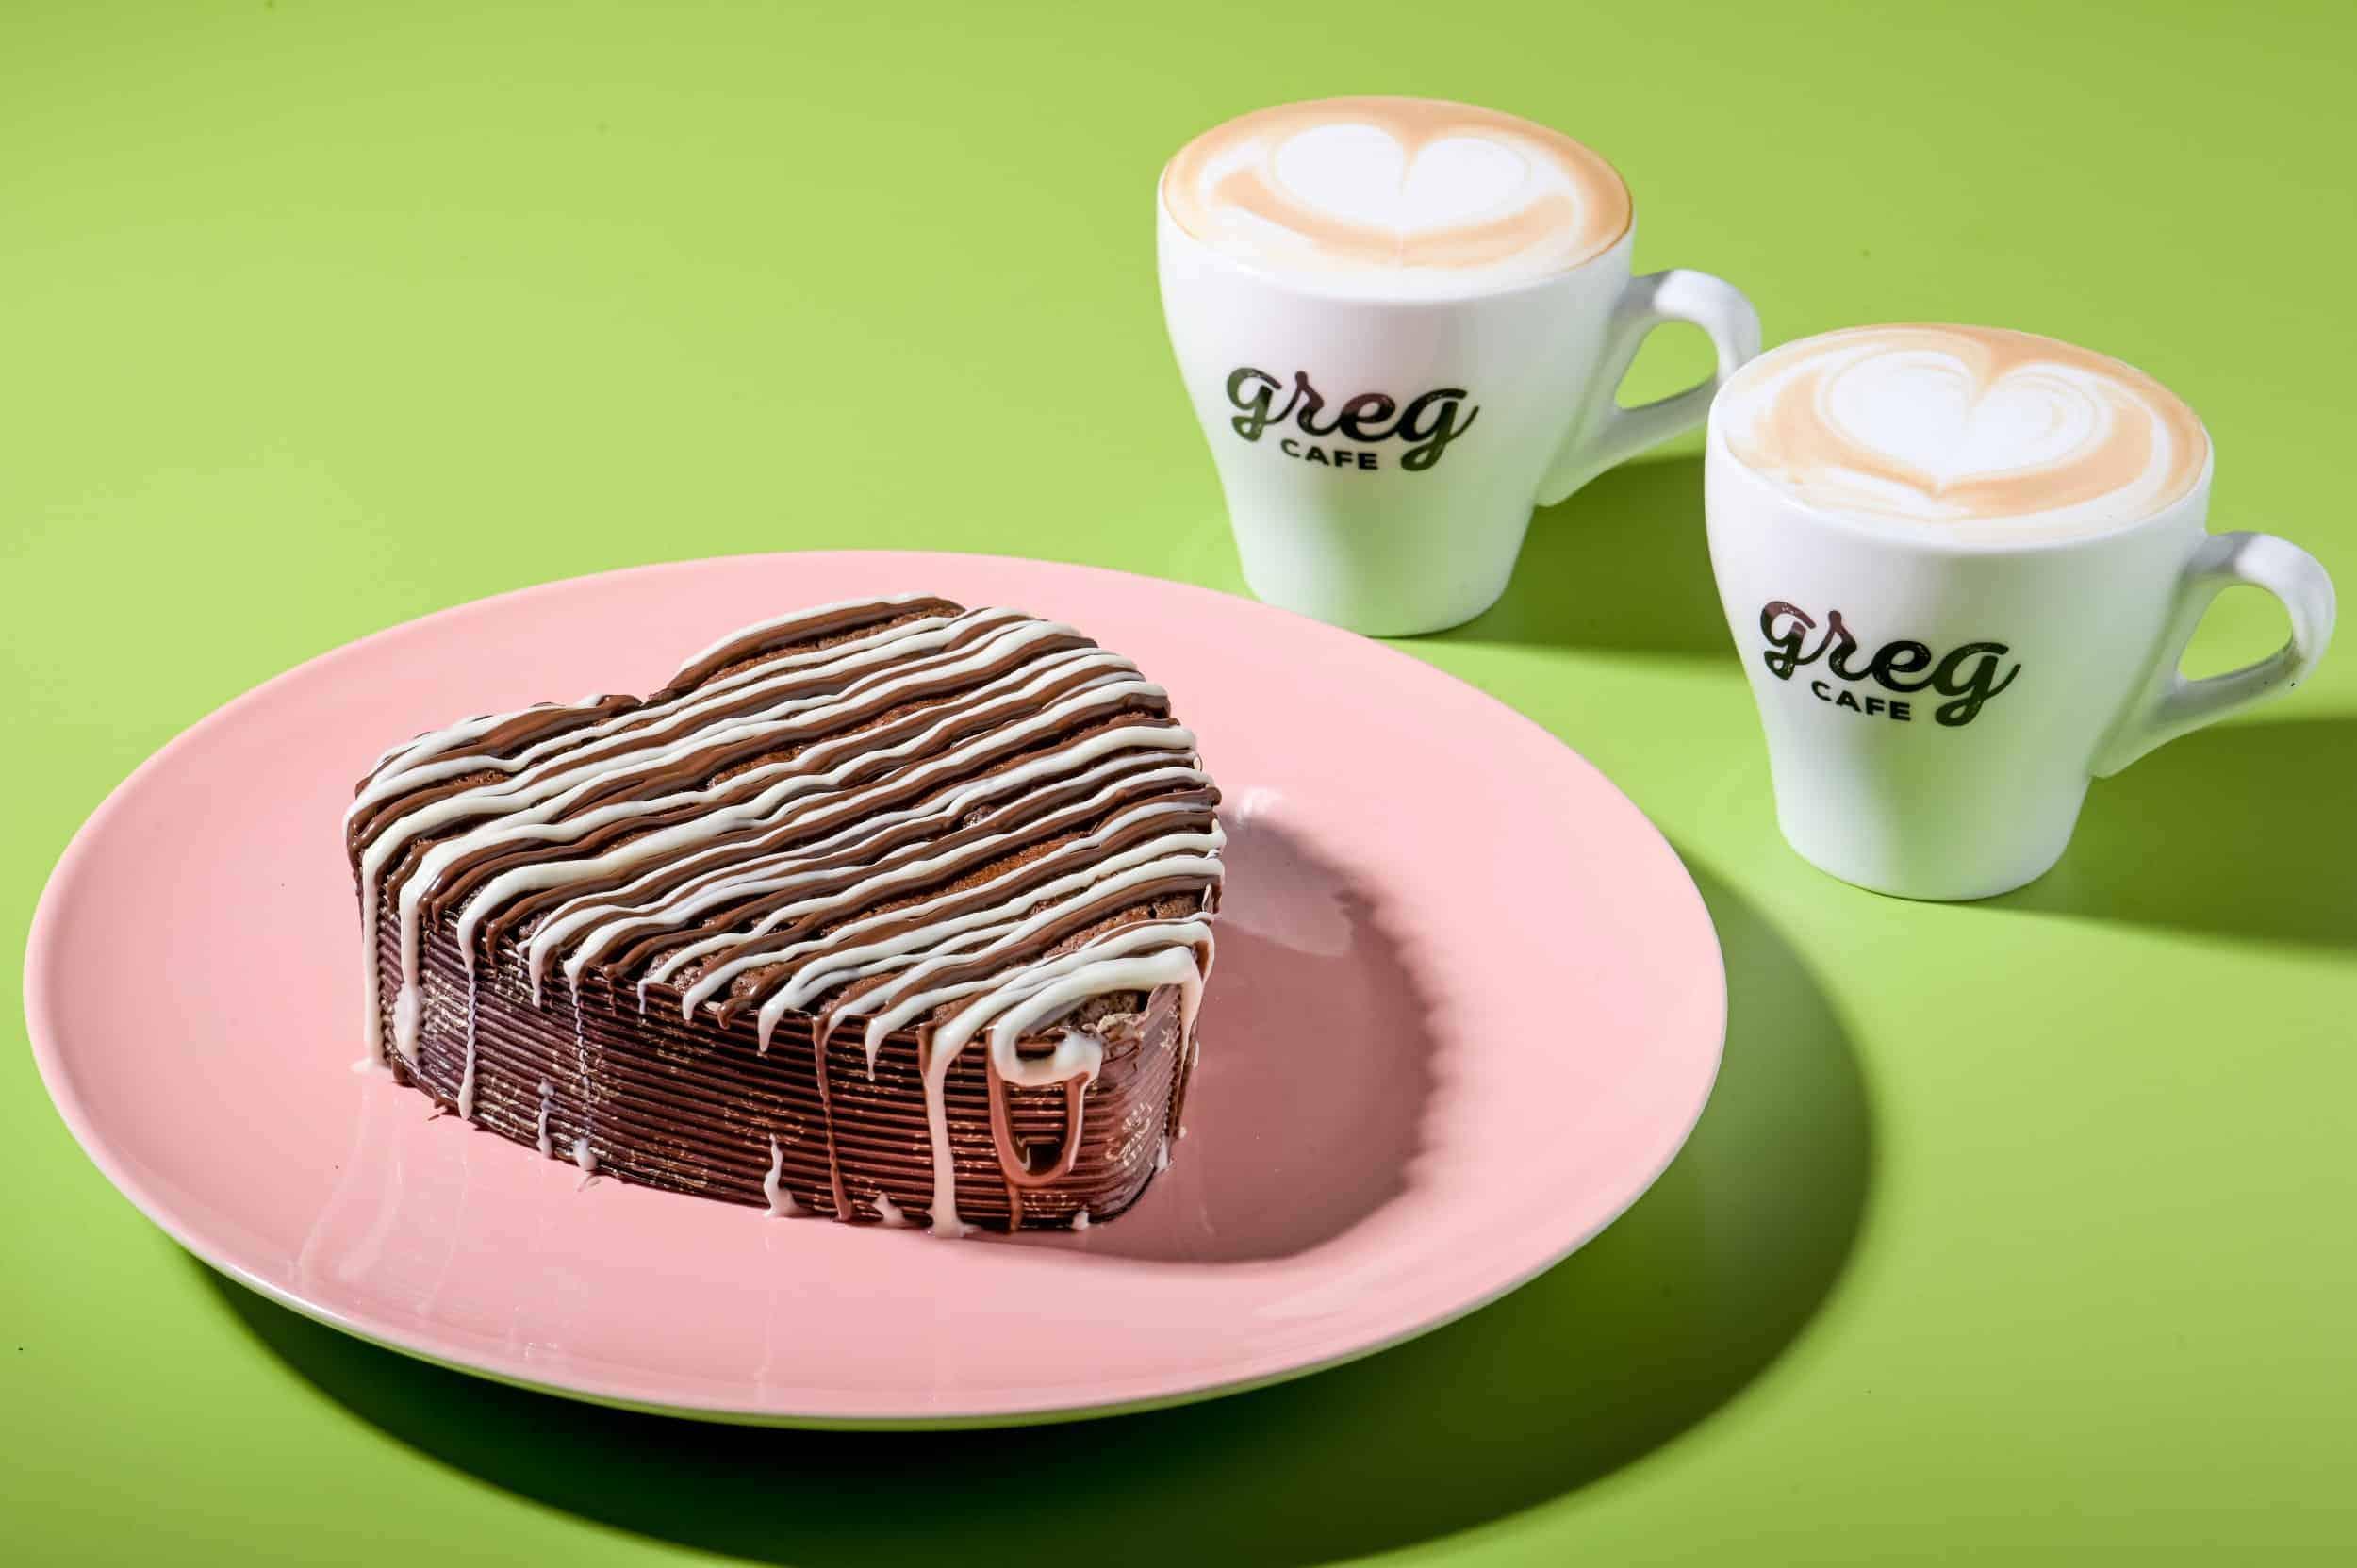 קפה גרג יום הקפה הבינלאומי צילום: גליה אבירם